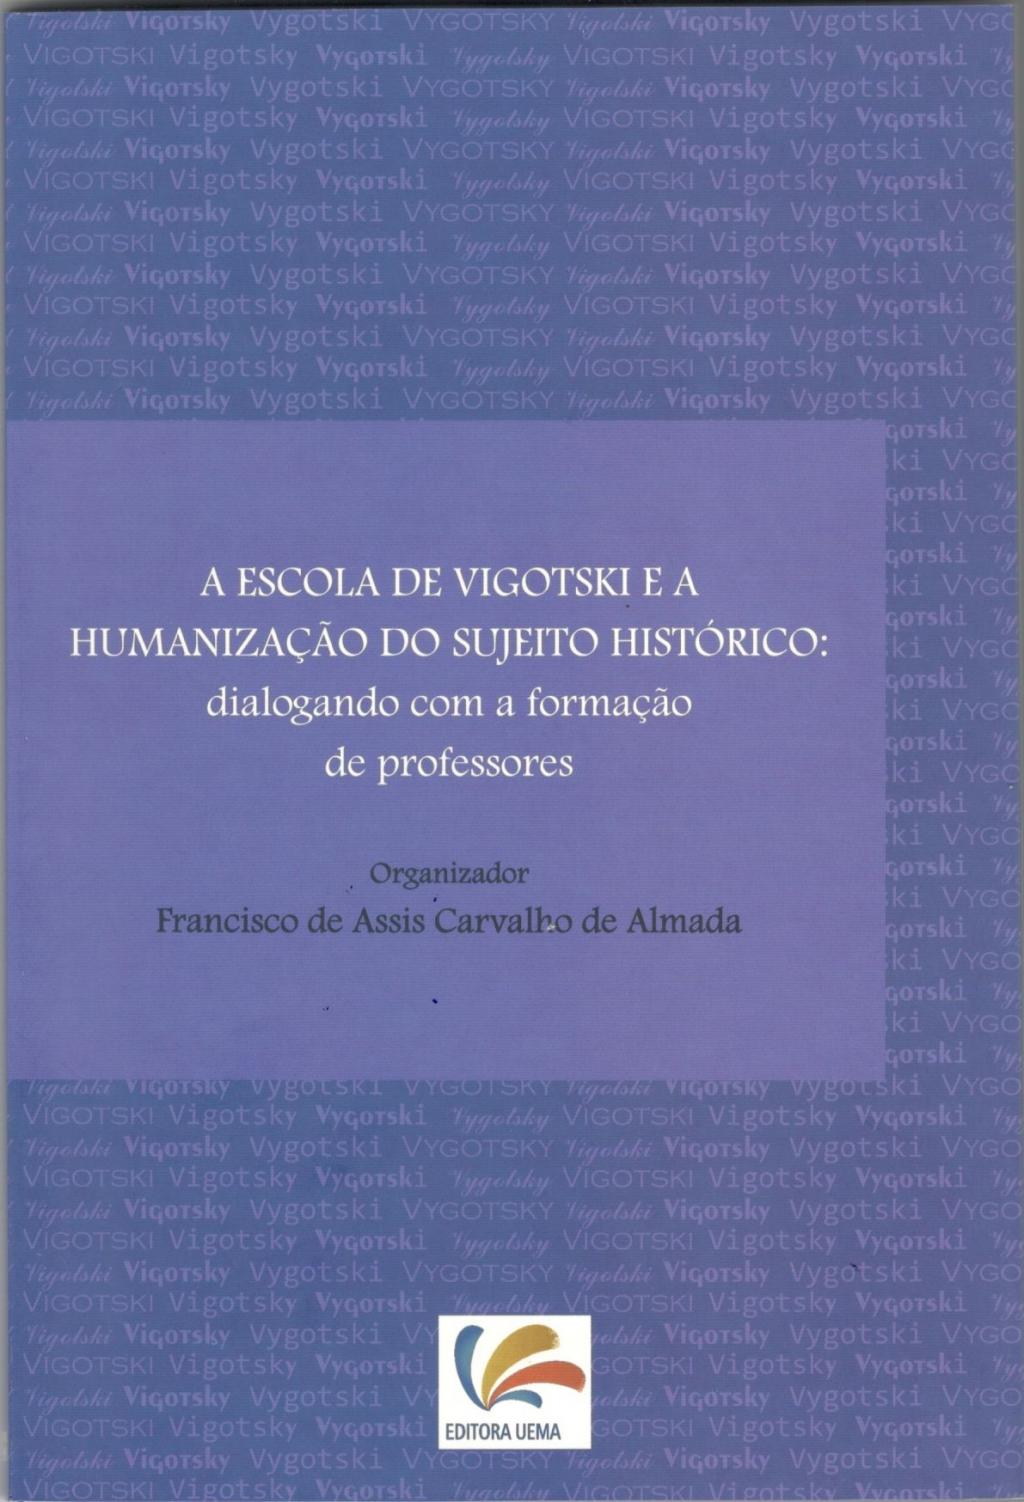 A ESCOLA DE VIGOTSKI E A HUMANIZAÇÃO DO SUJEITO HISTÓRICO: dialogando com formação de professores